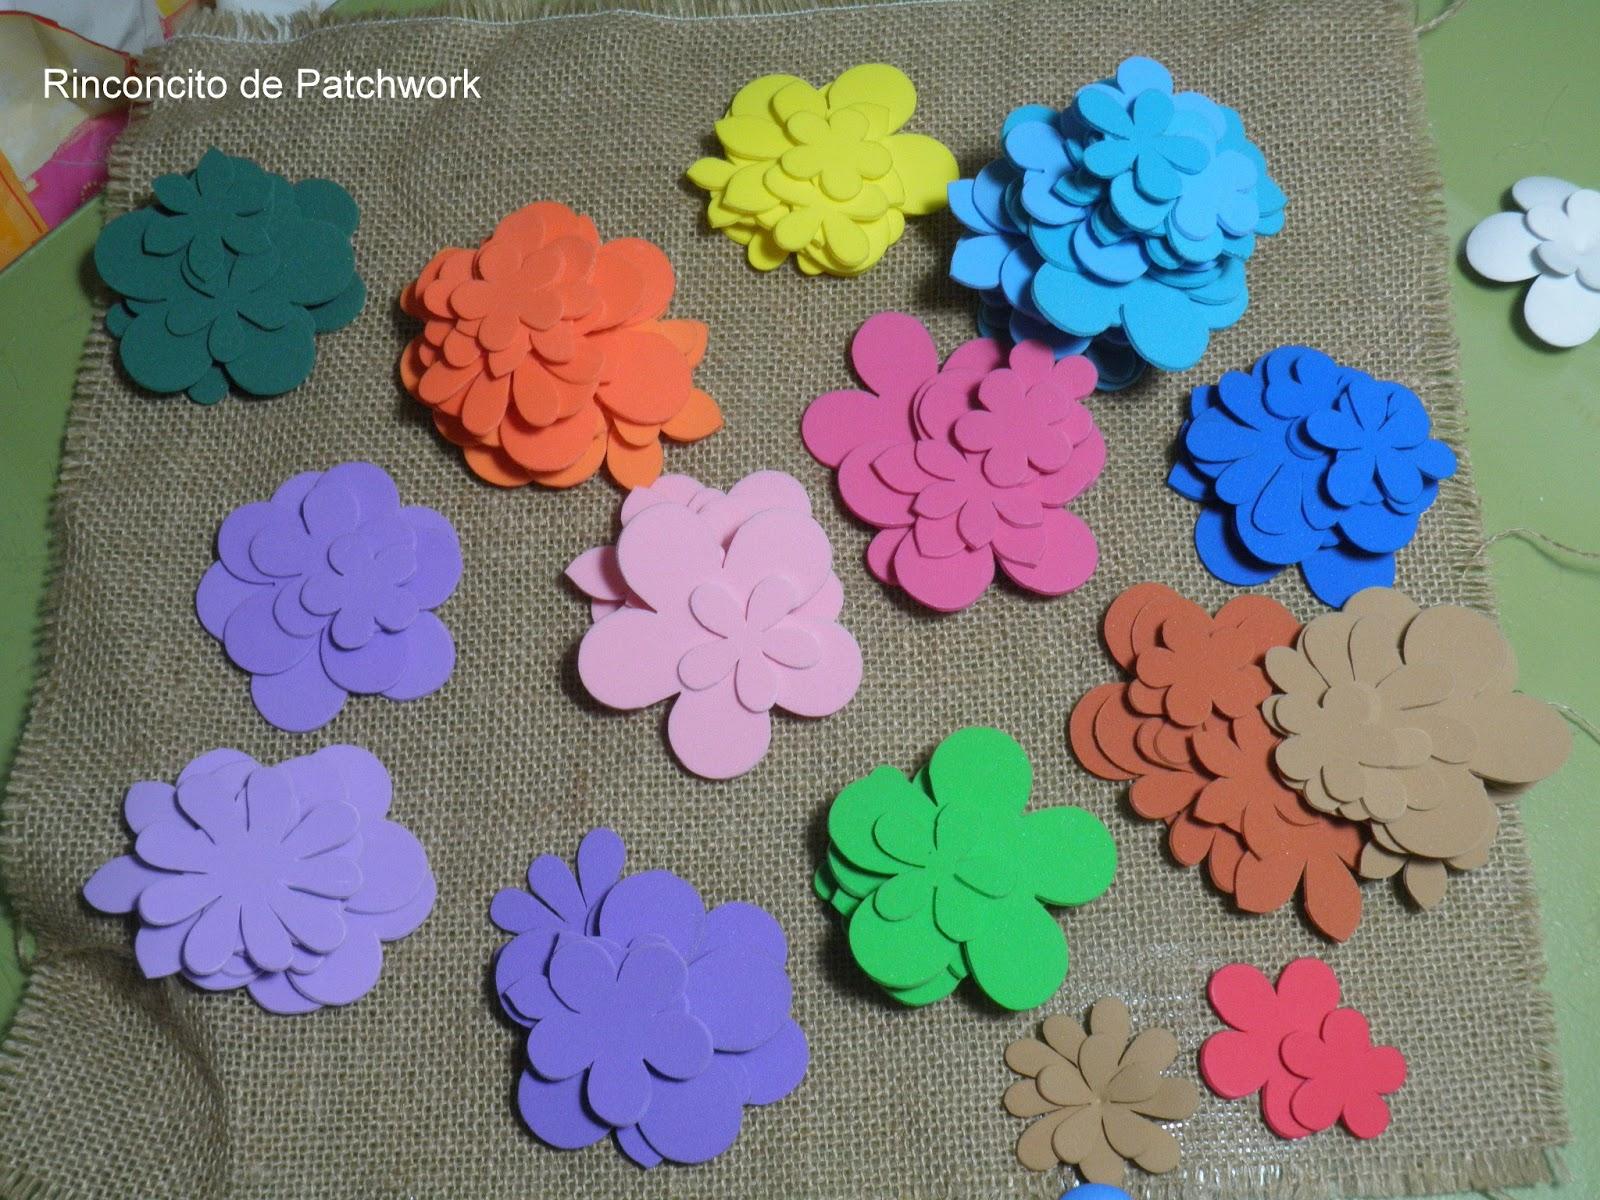 Plantillas Para Hacer Flores De Goma Eva Finest Moldes Para Hacer - Plantillas-para-hacer-flores-de-goma-eva